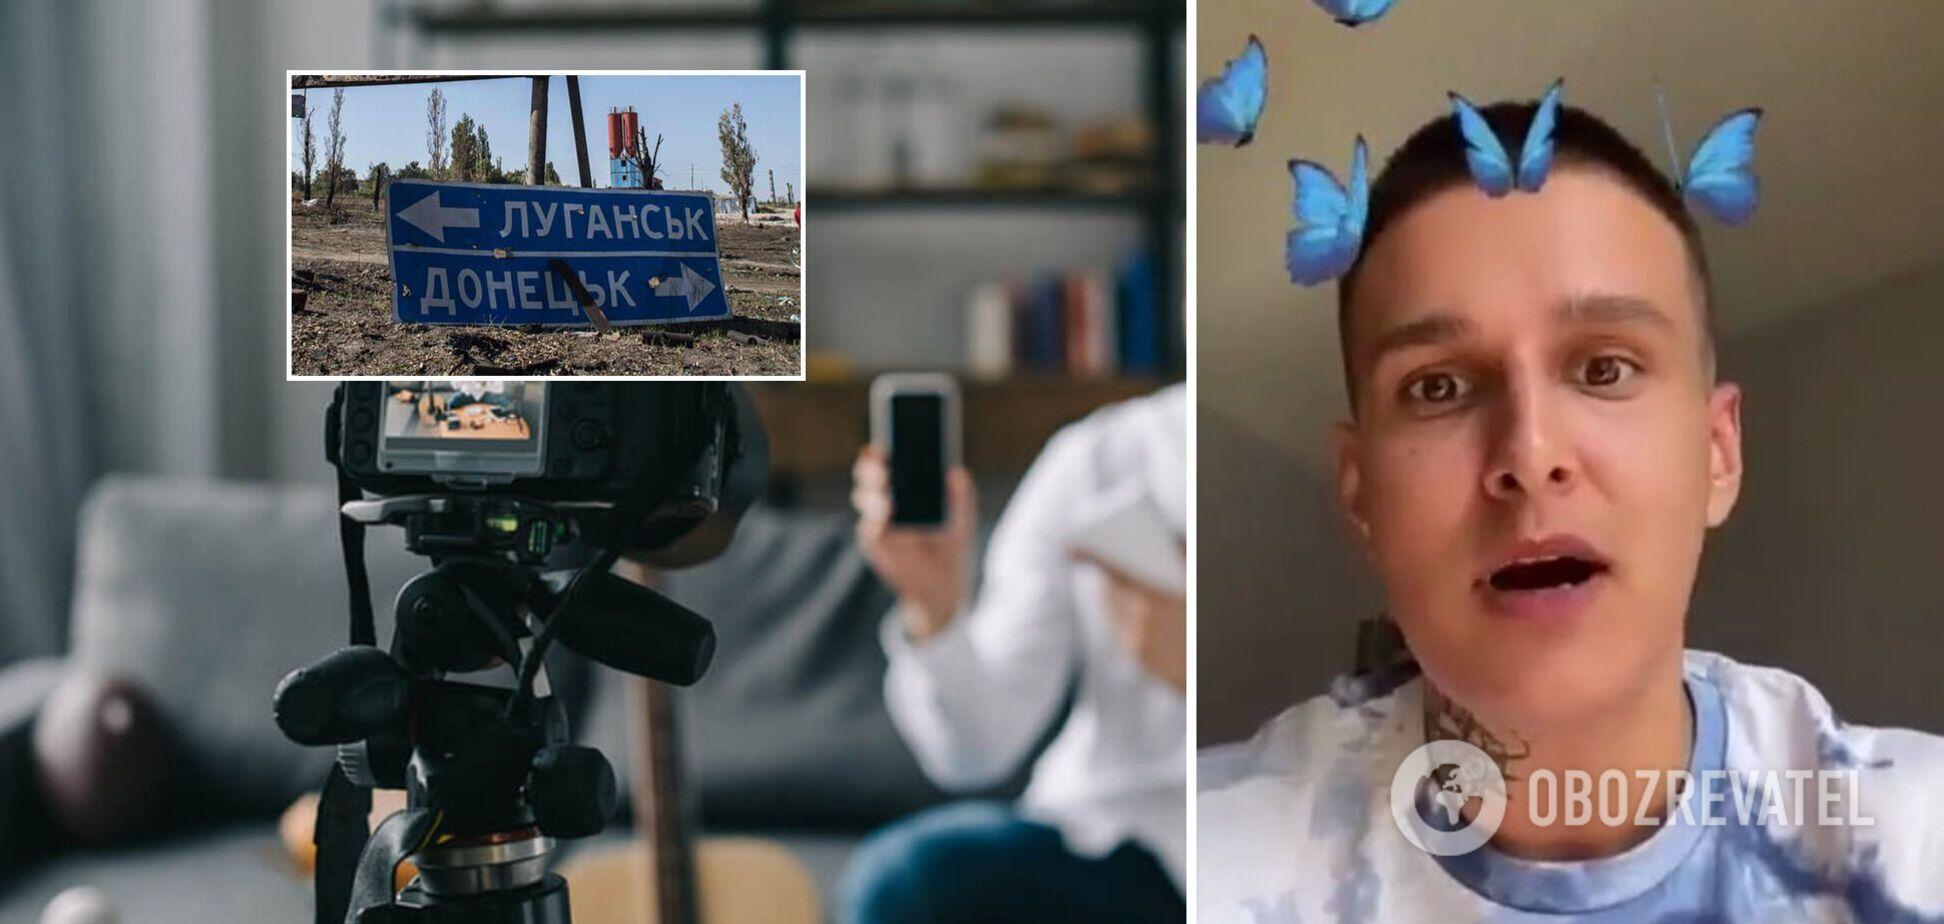 Блогер-переселенець з Донбасу обізвав Україну, але потім вирішив попросити вибачення. Відео